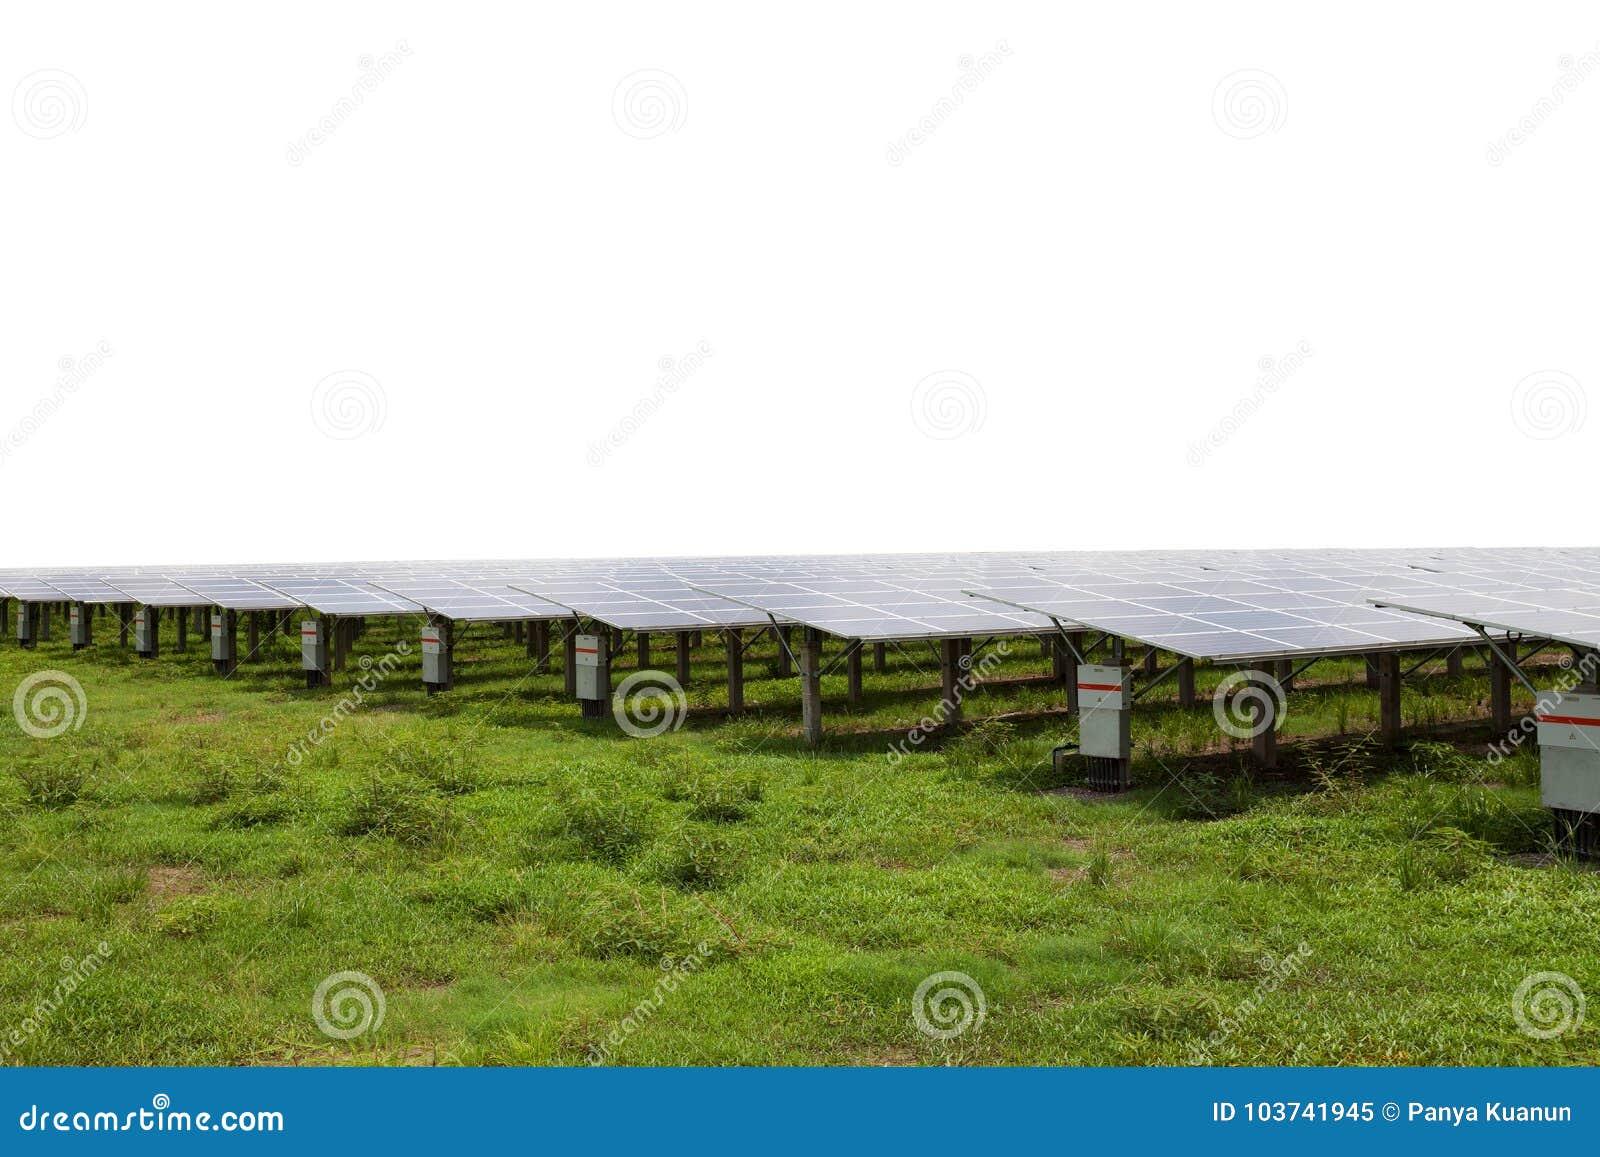 Panneaux solaires dans les fermes solaires sur le fond blanc